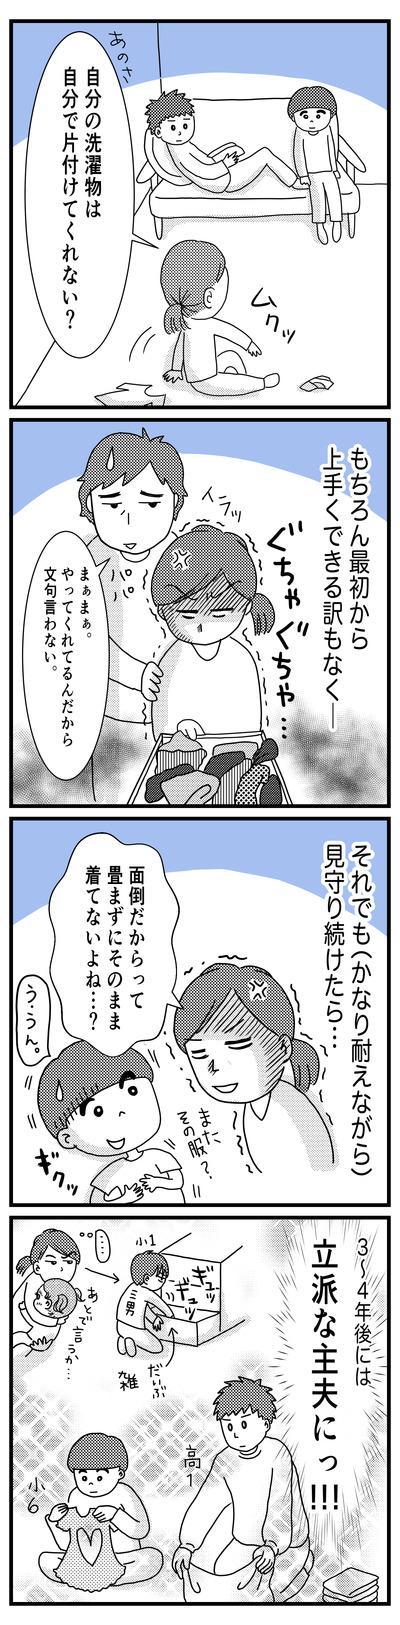 87 立派な主婦にっ!(1才〜1才半)